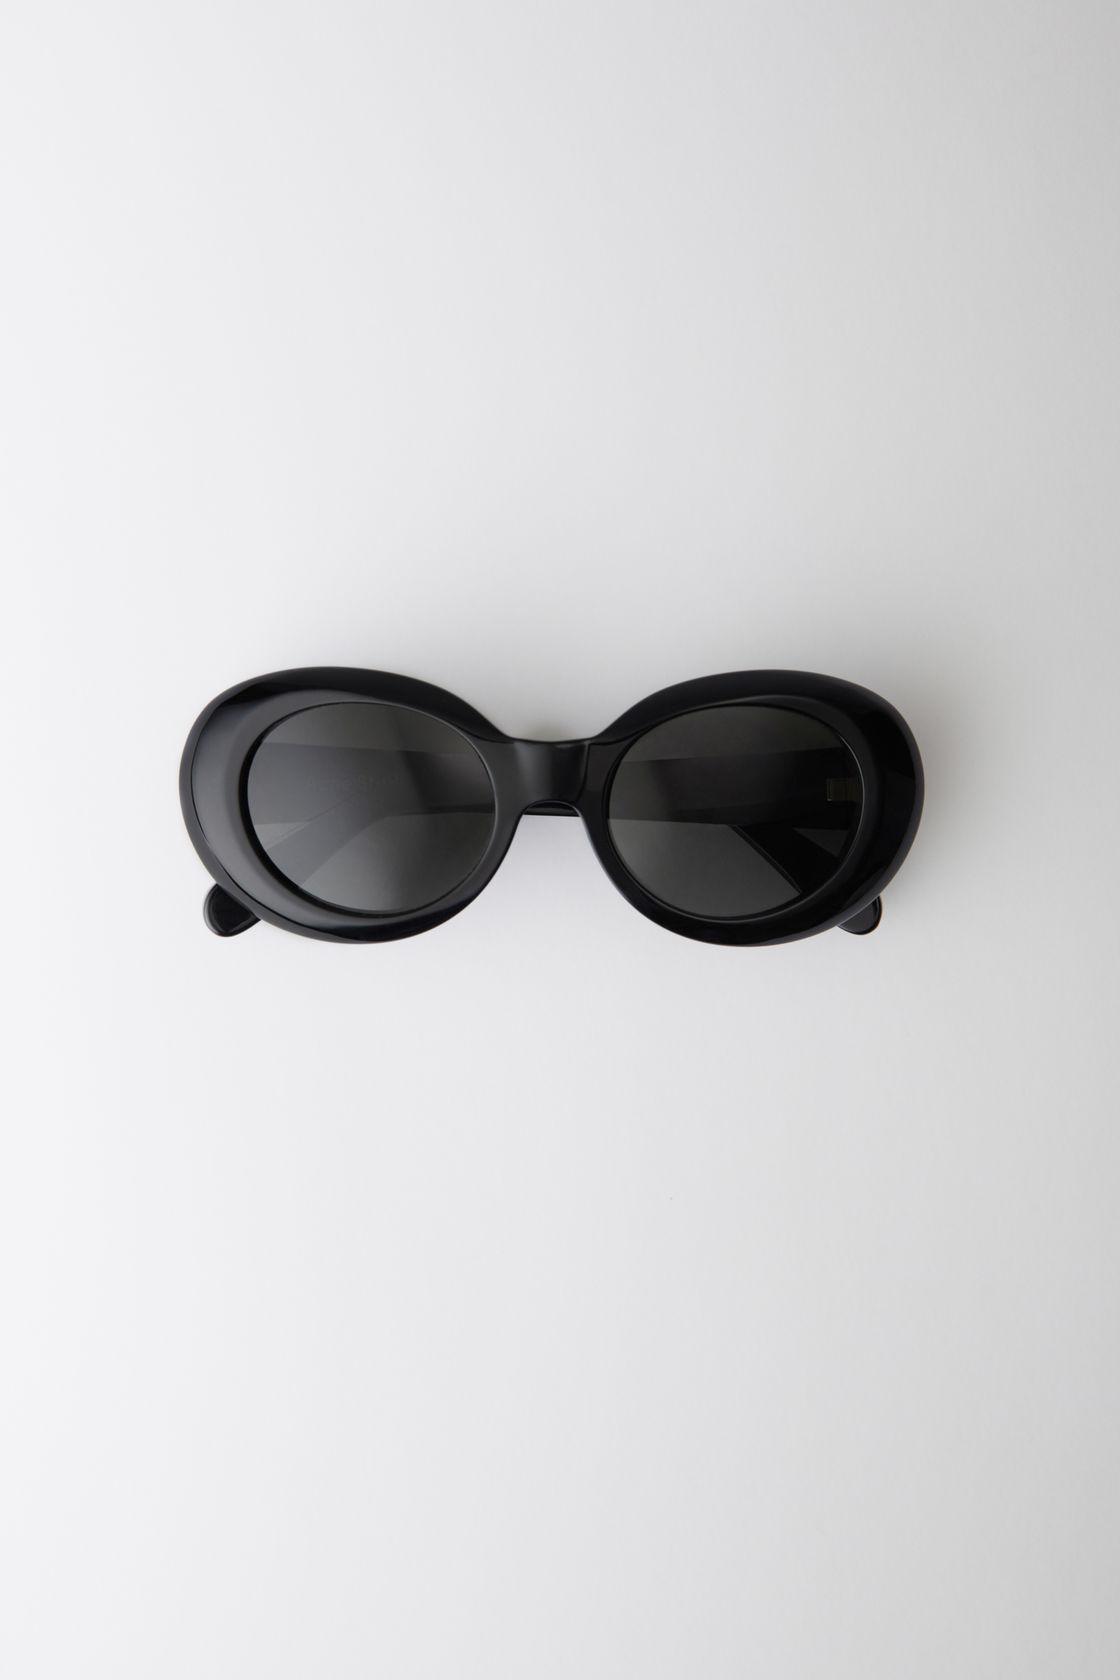 Solbriller nøkkelplagg